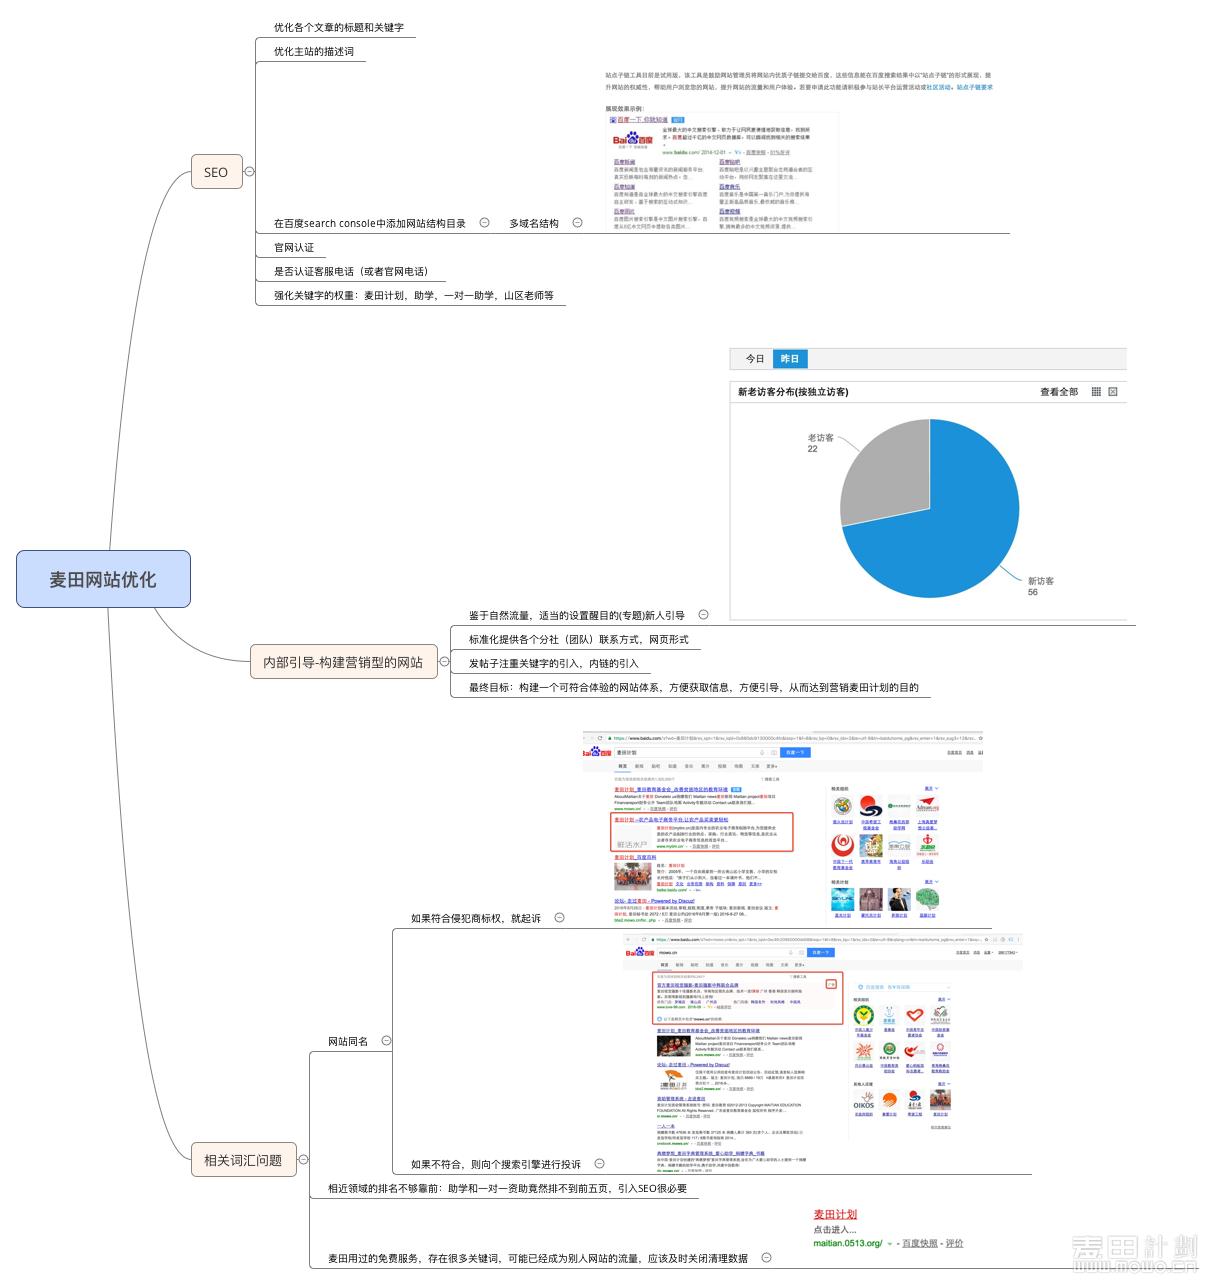 麦田计划网站优化思路图